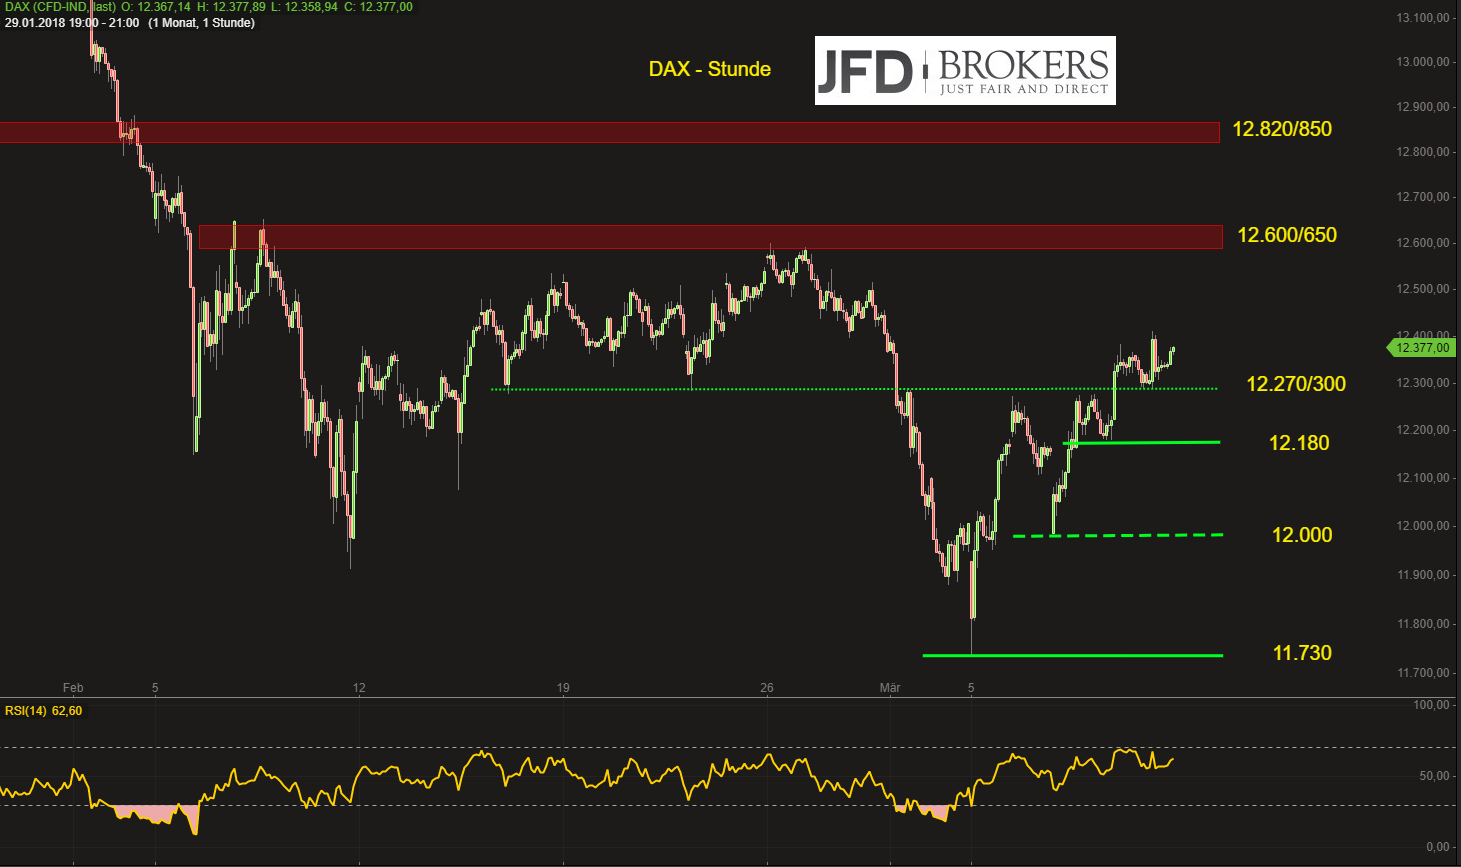 DAX-Vorbereitung-eines-Tests-der-12-500er-Region-zum-Wochenstart-JFD-Brokers-GodmodeTrader.de-2